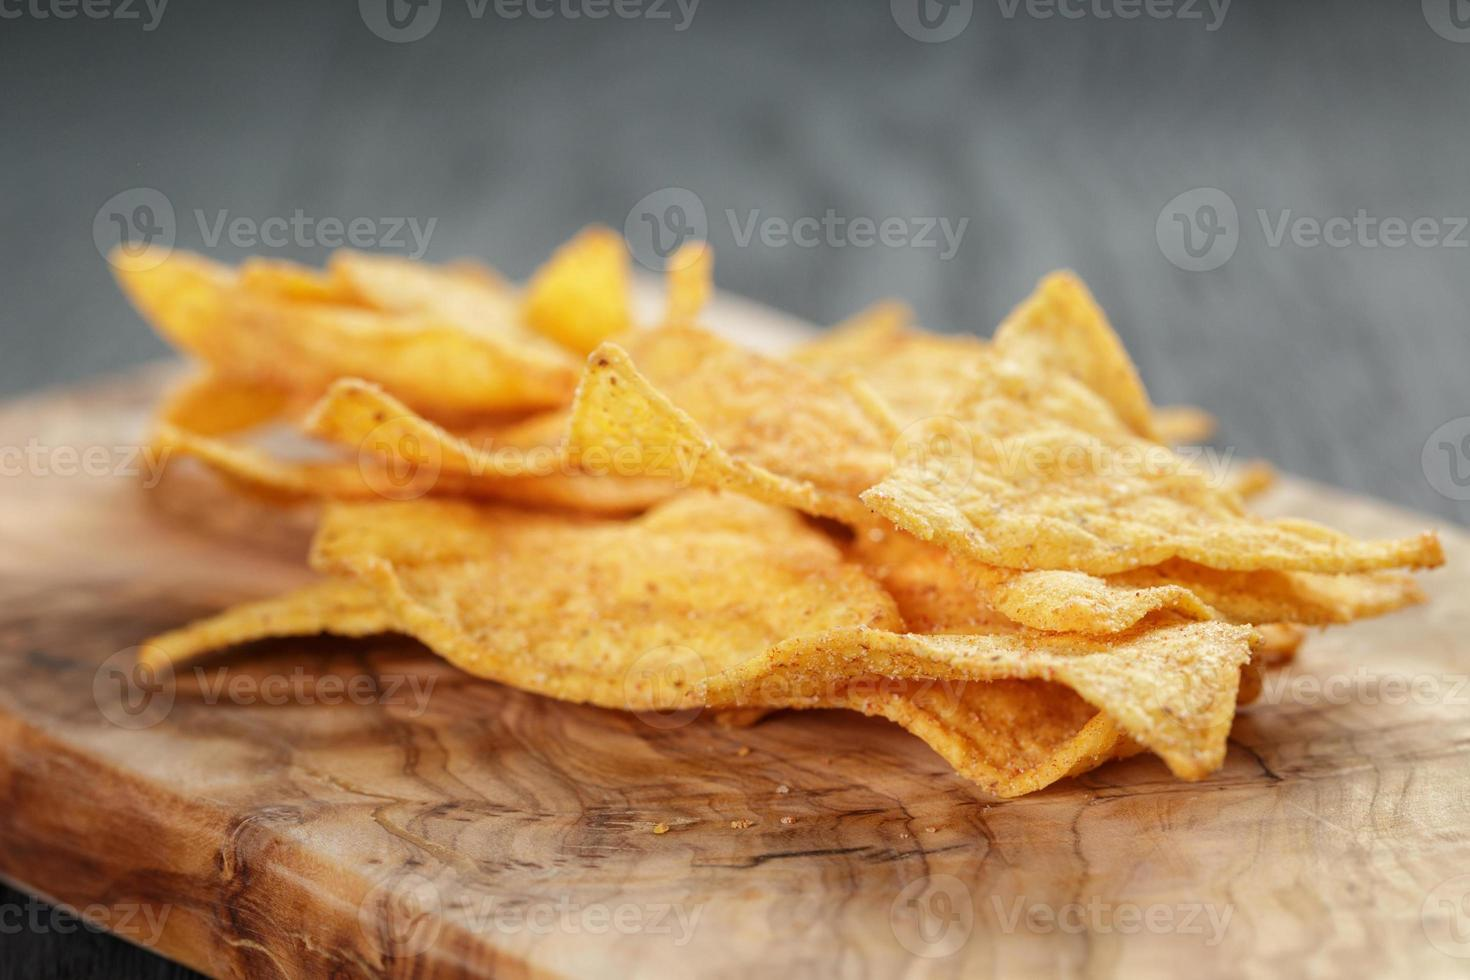 hög med tortillachips på olivbräda på träbord foto